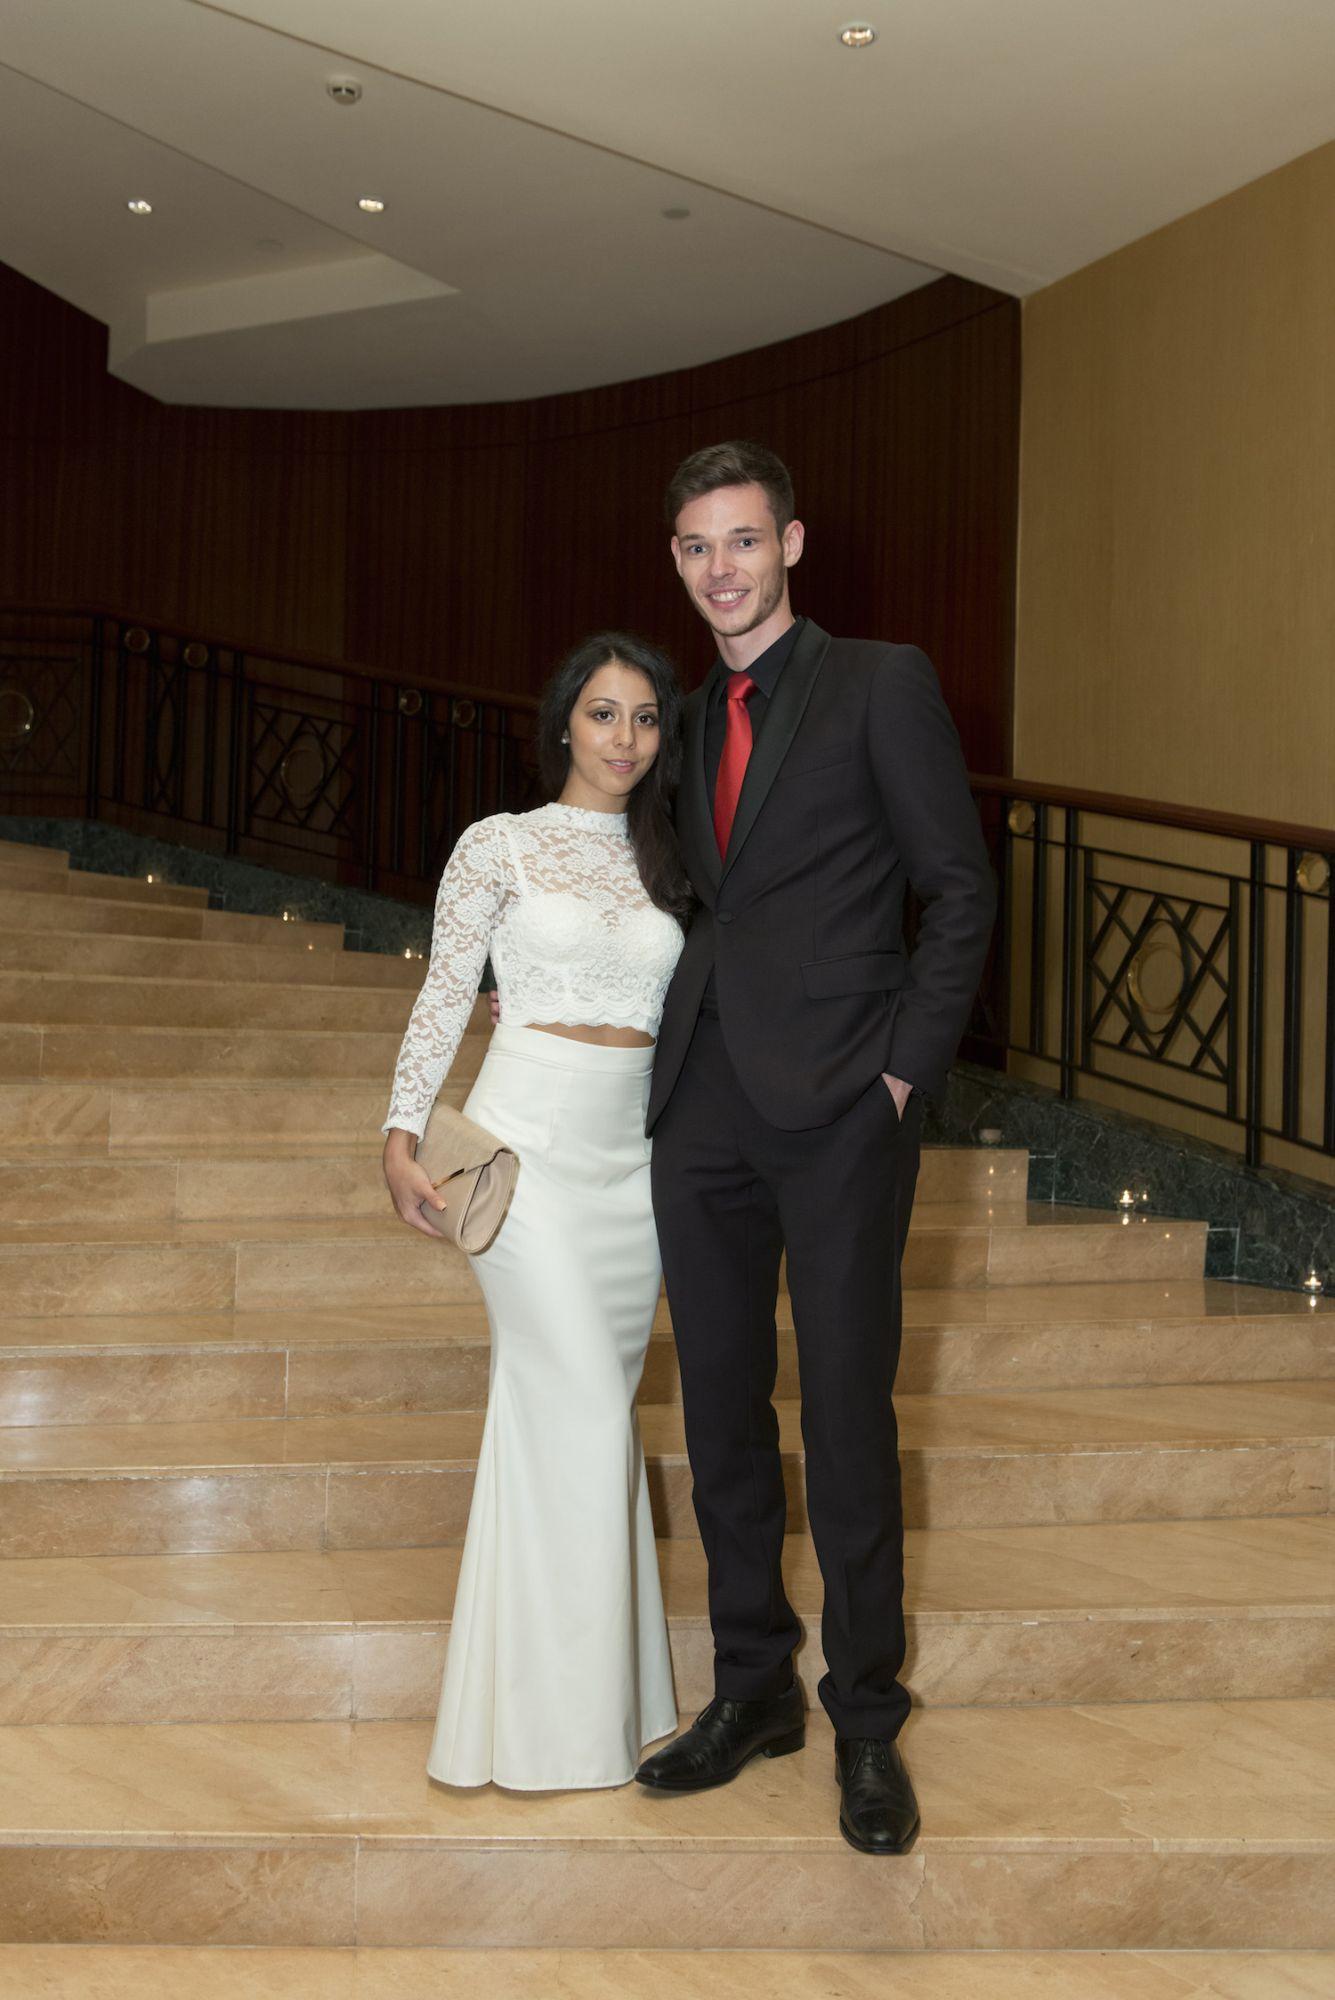 Heloise Chon and Dan Wells